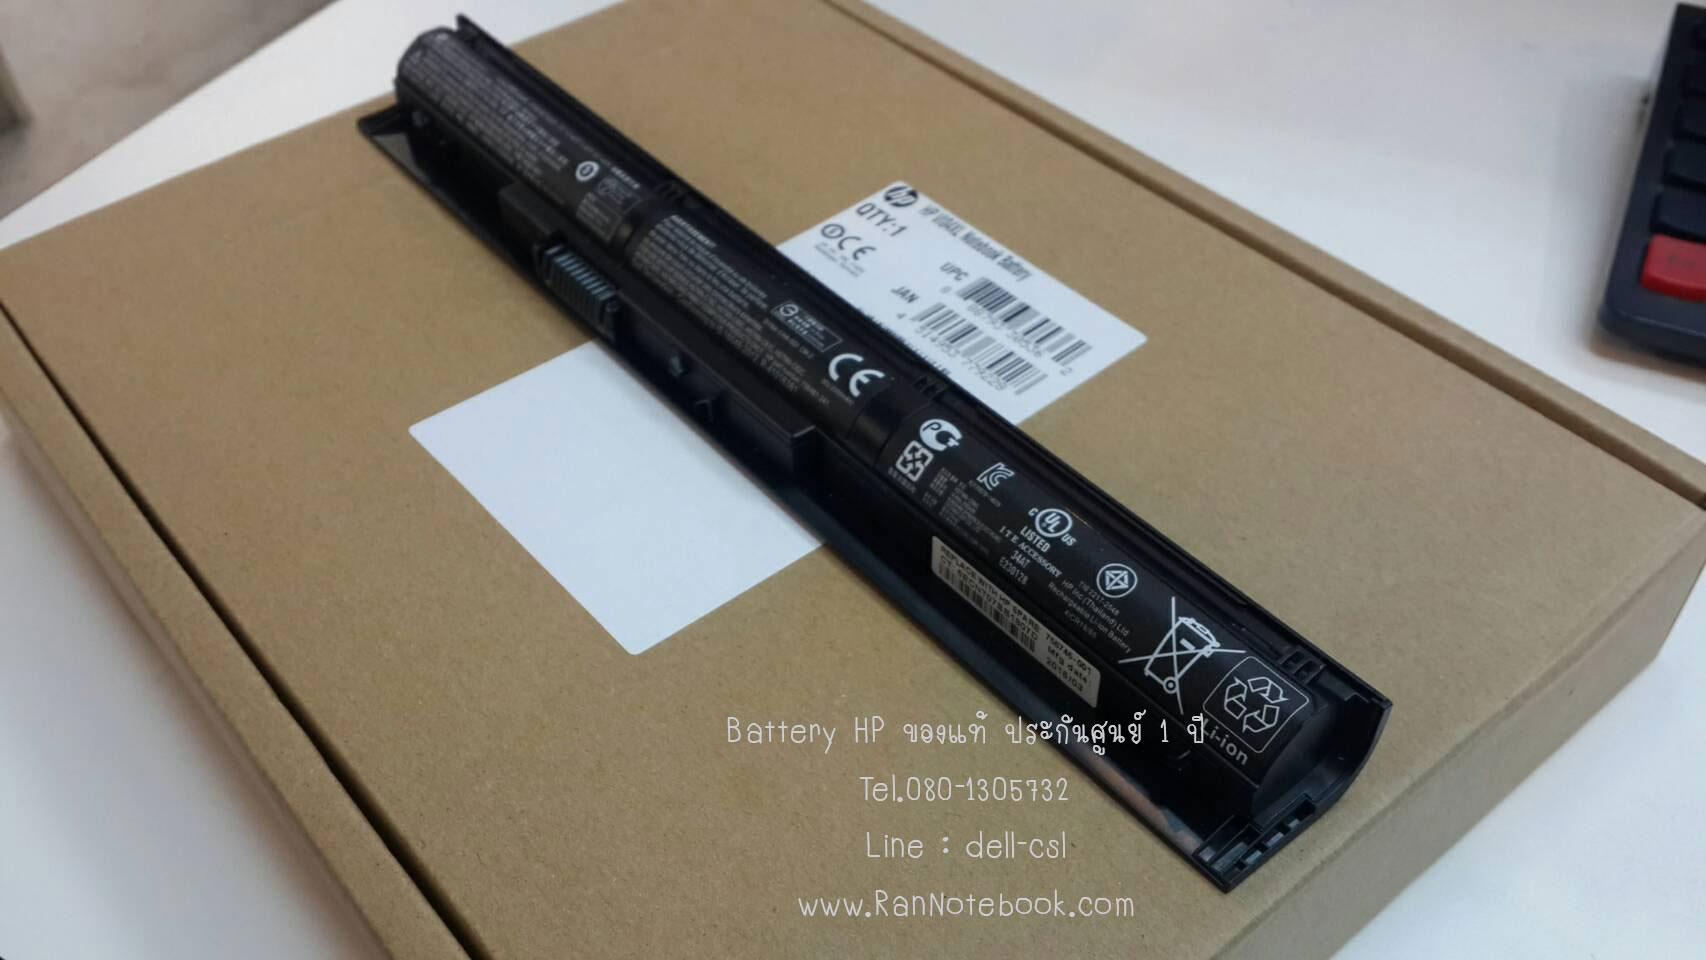 Battery HP 14 , HP 15 ,VI04 VI04XL ของแท้ ประกัน ศูนย์ HP ราคา ไม่แพง